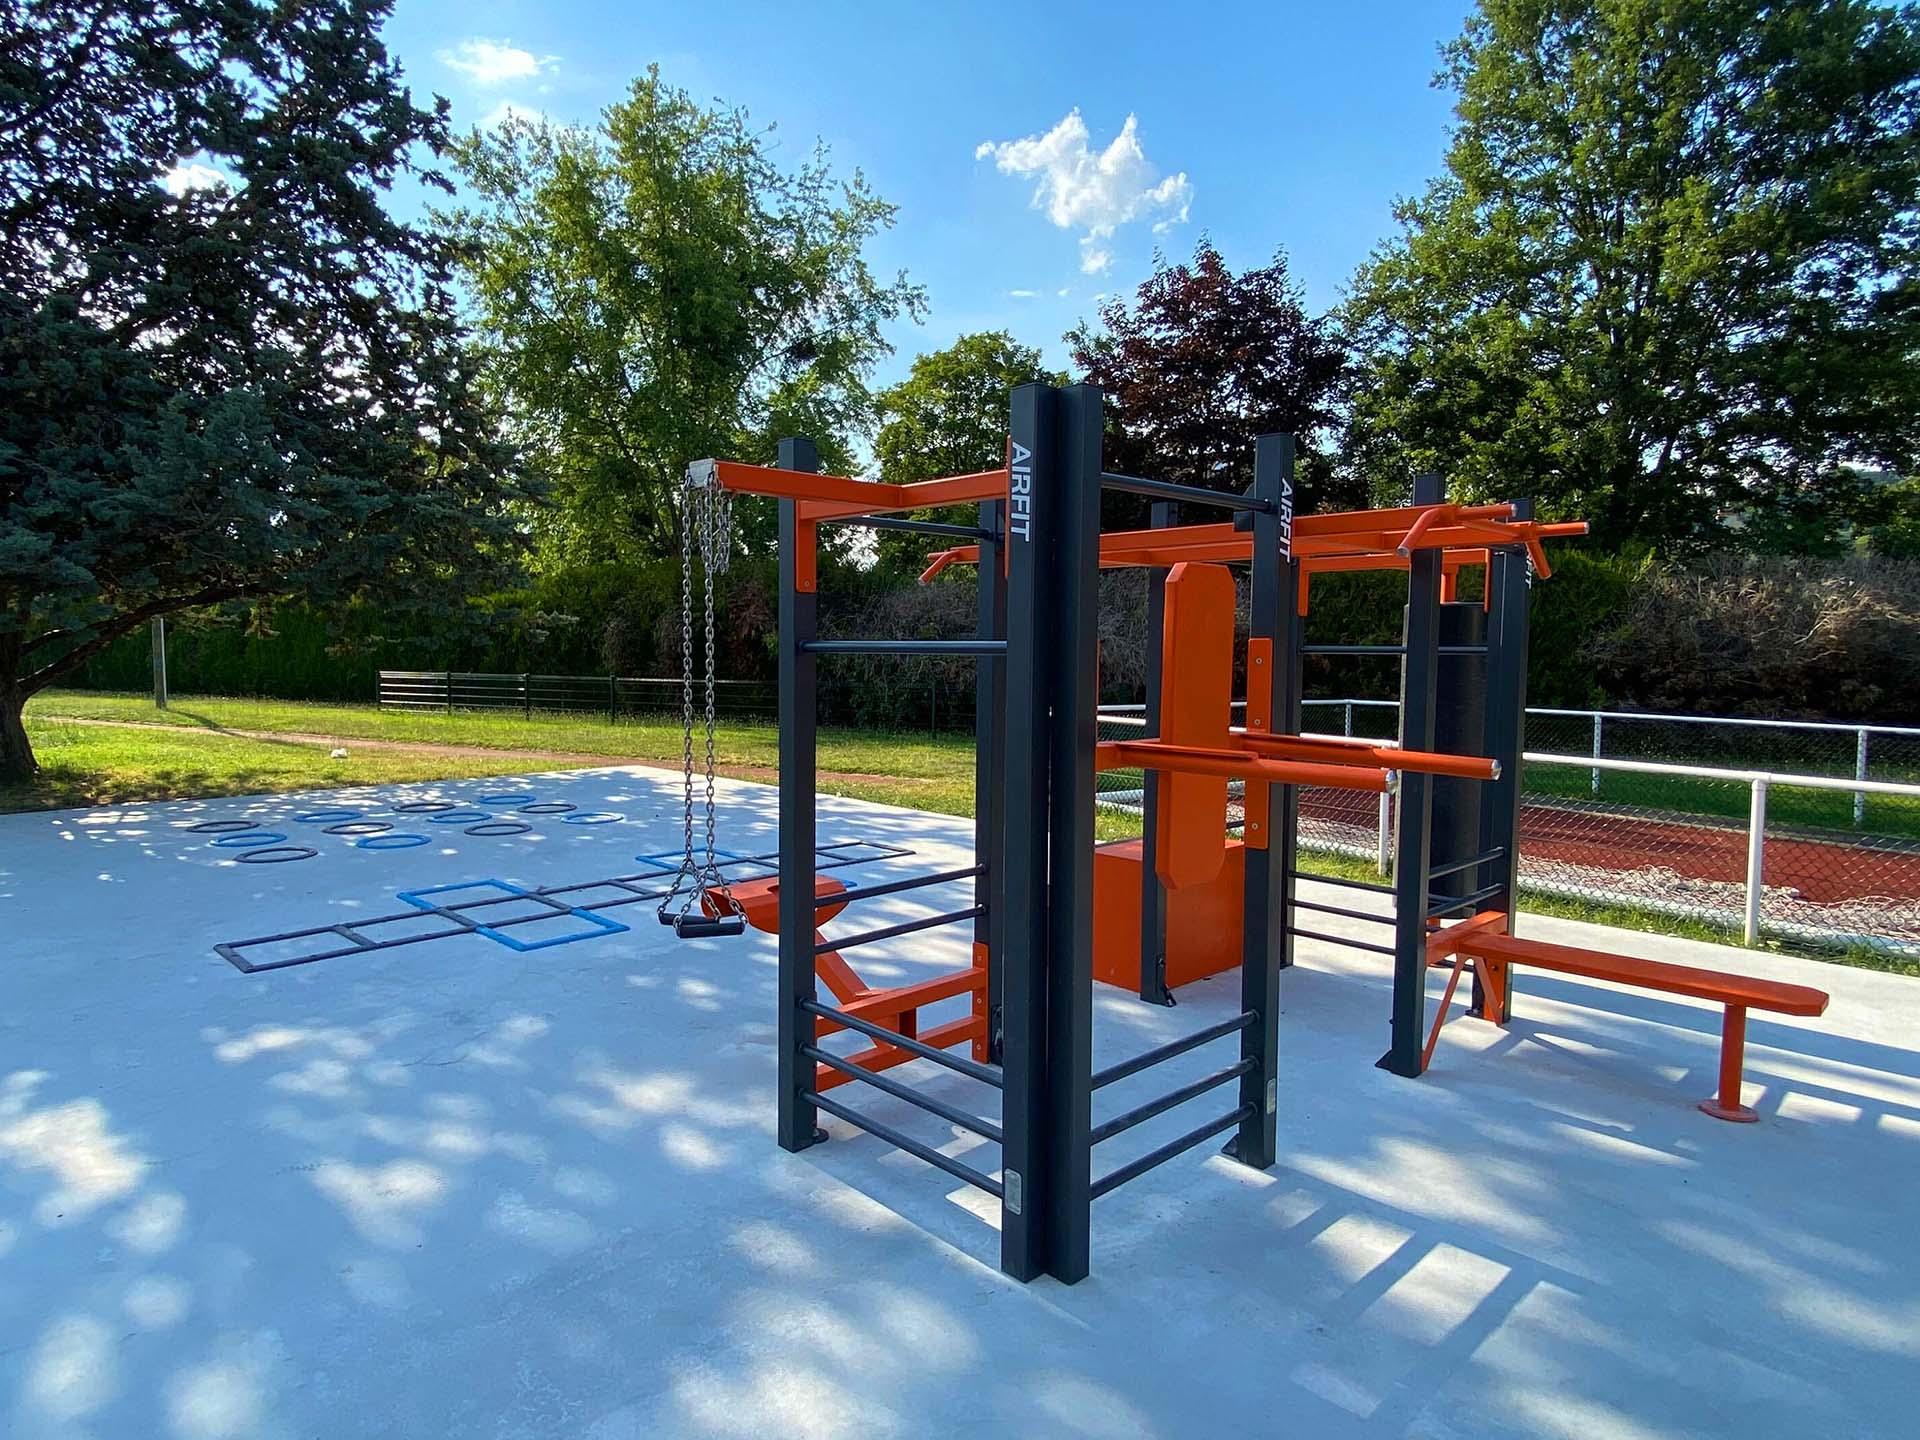 Photo des équipements sportifs de fitness et de Cross-Training d'Orsay